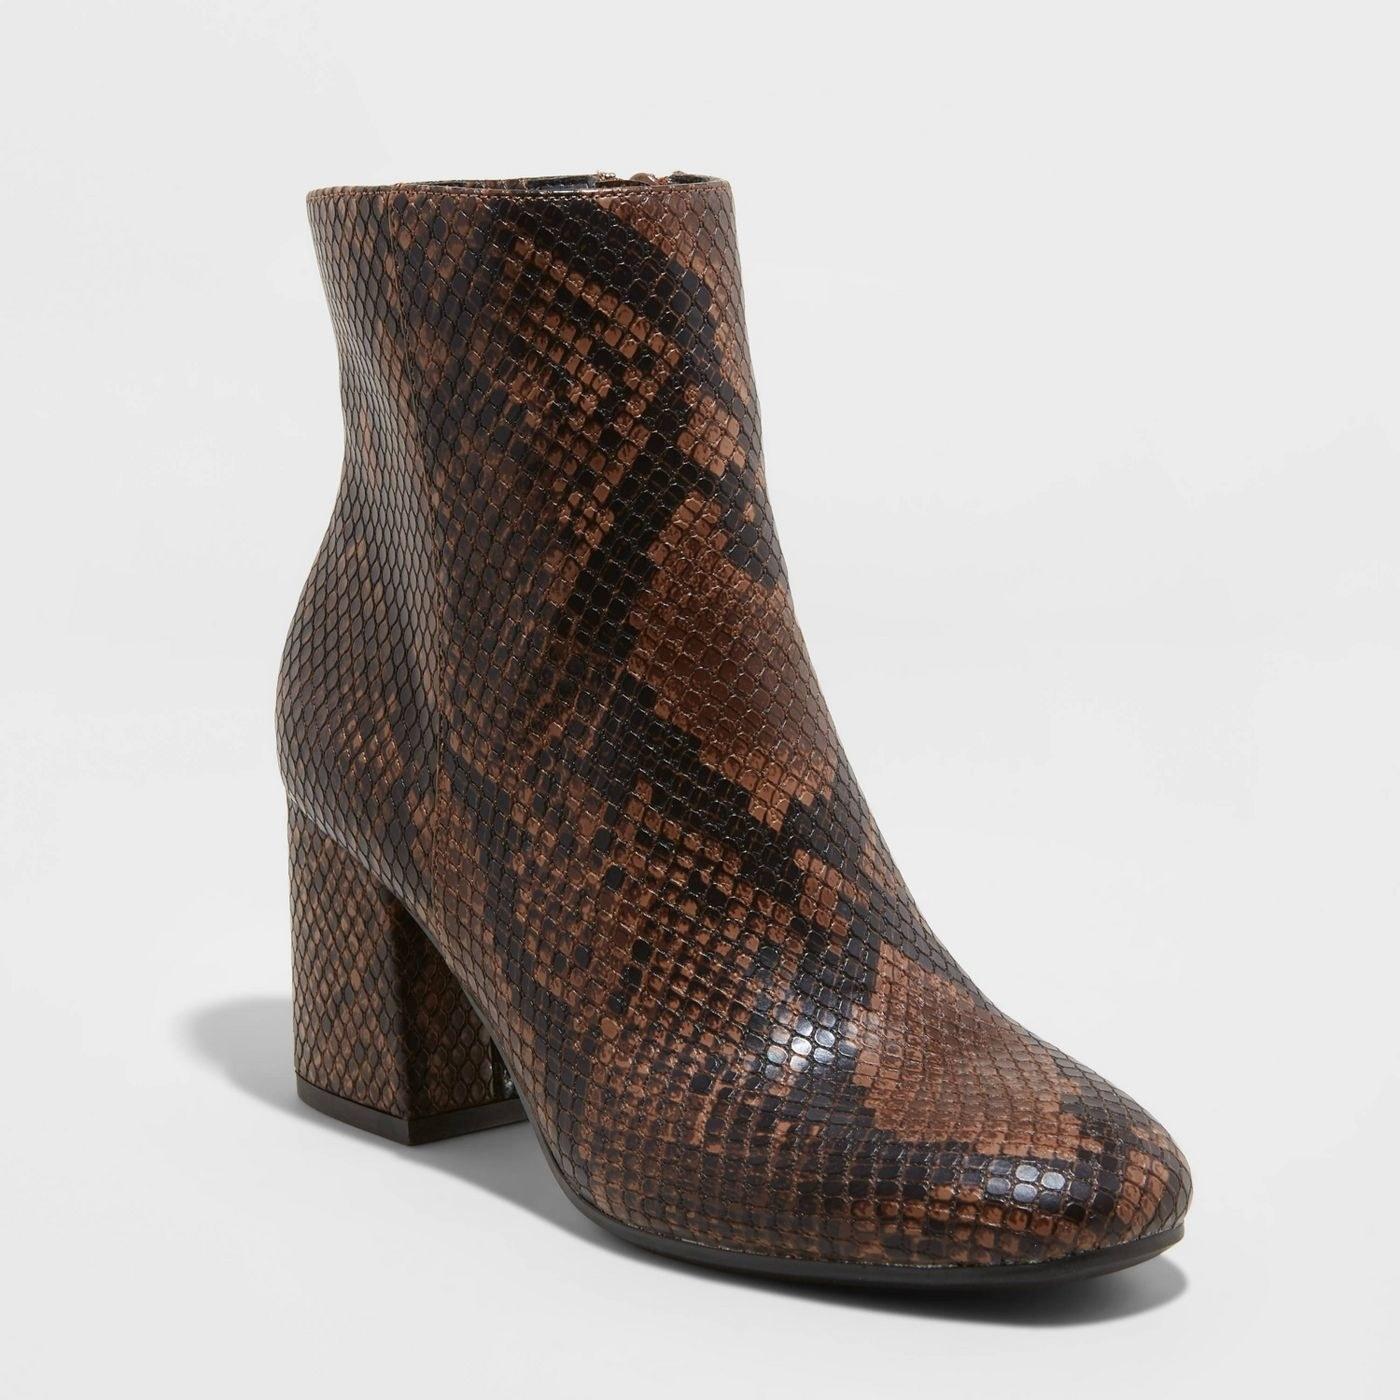 Brown and black snakeskin booties